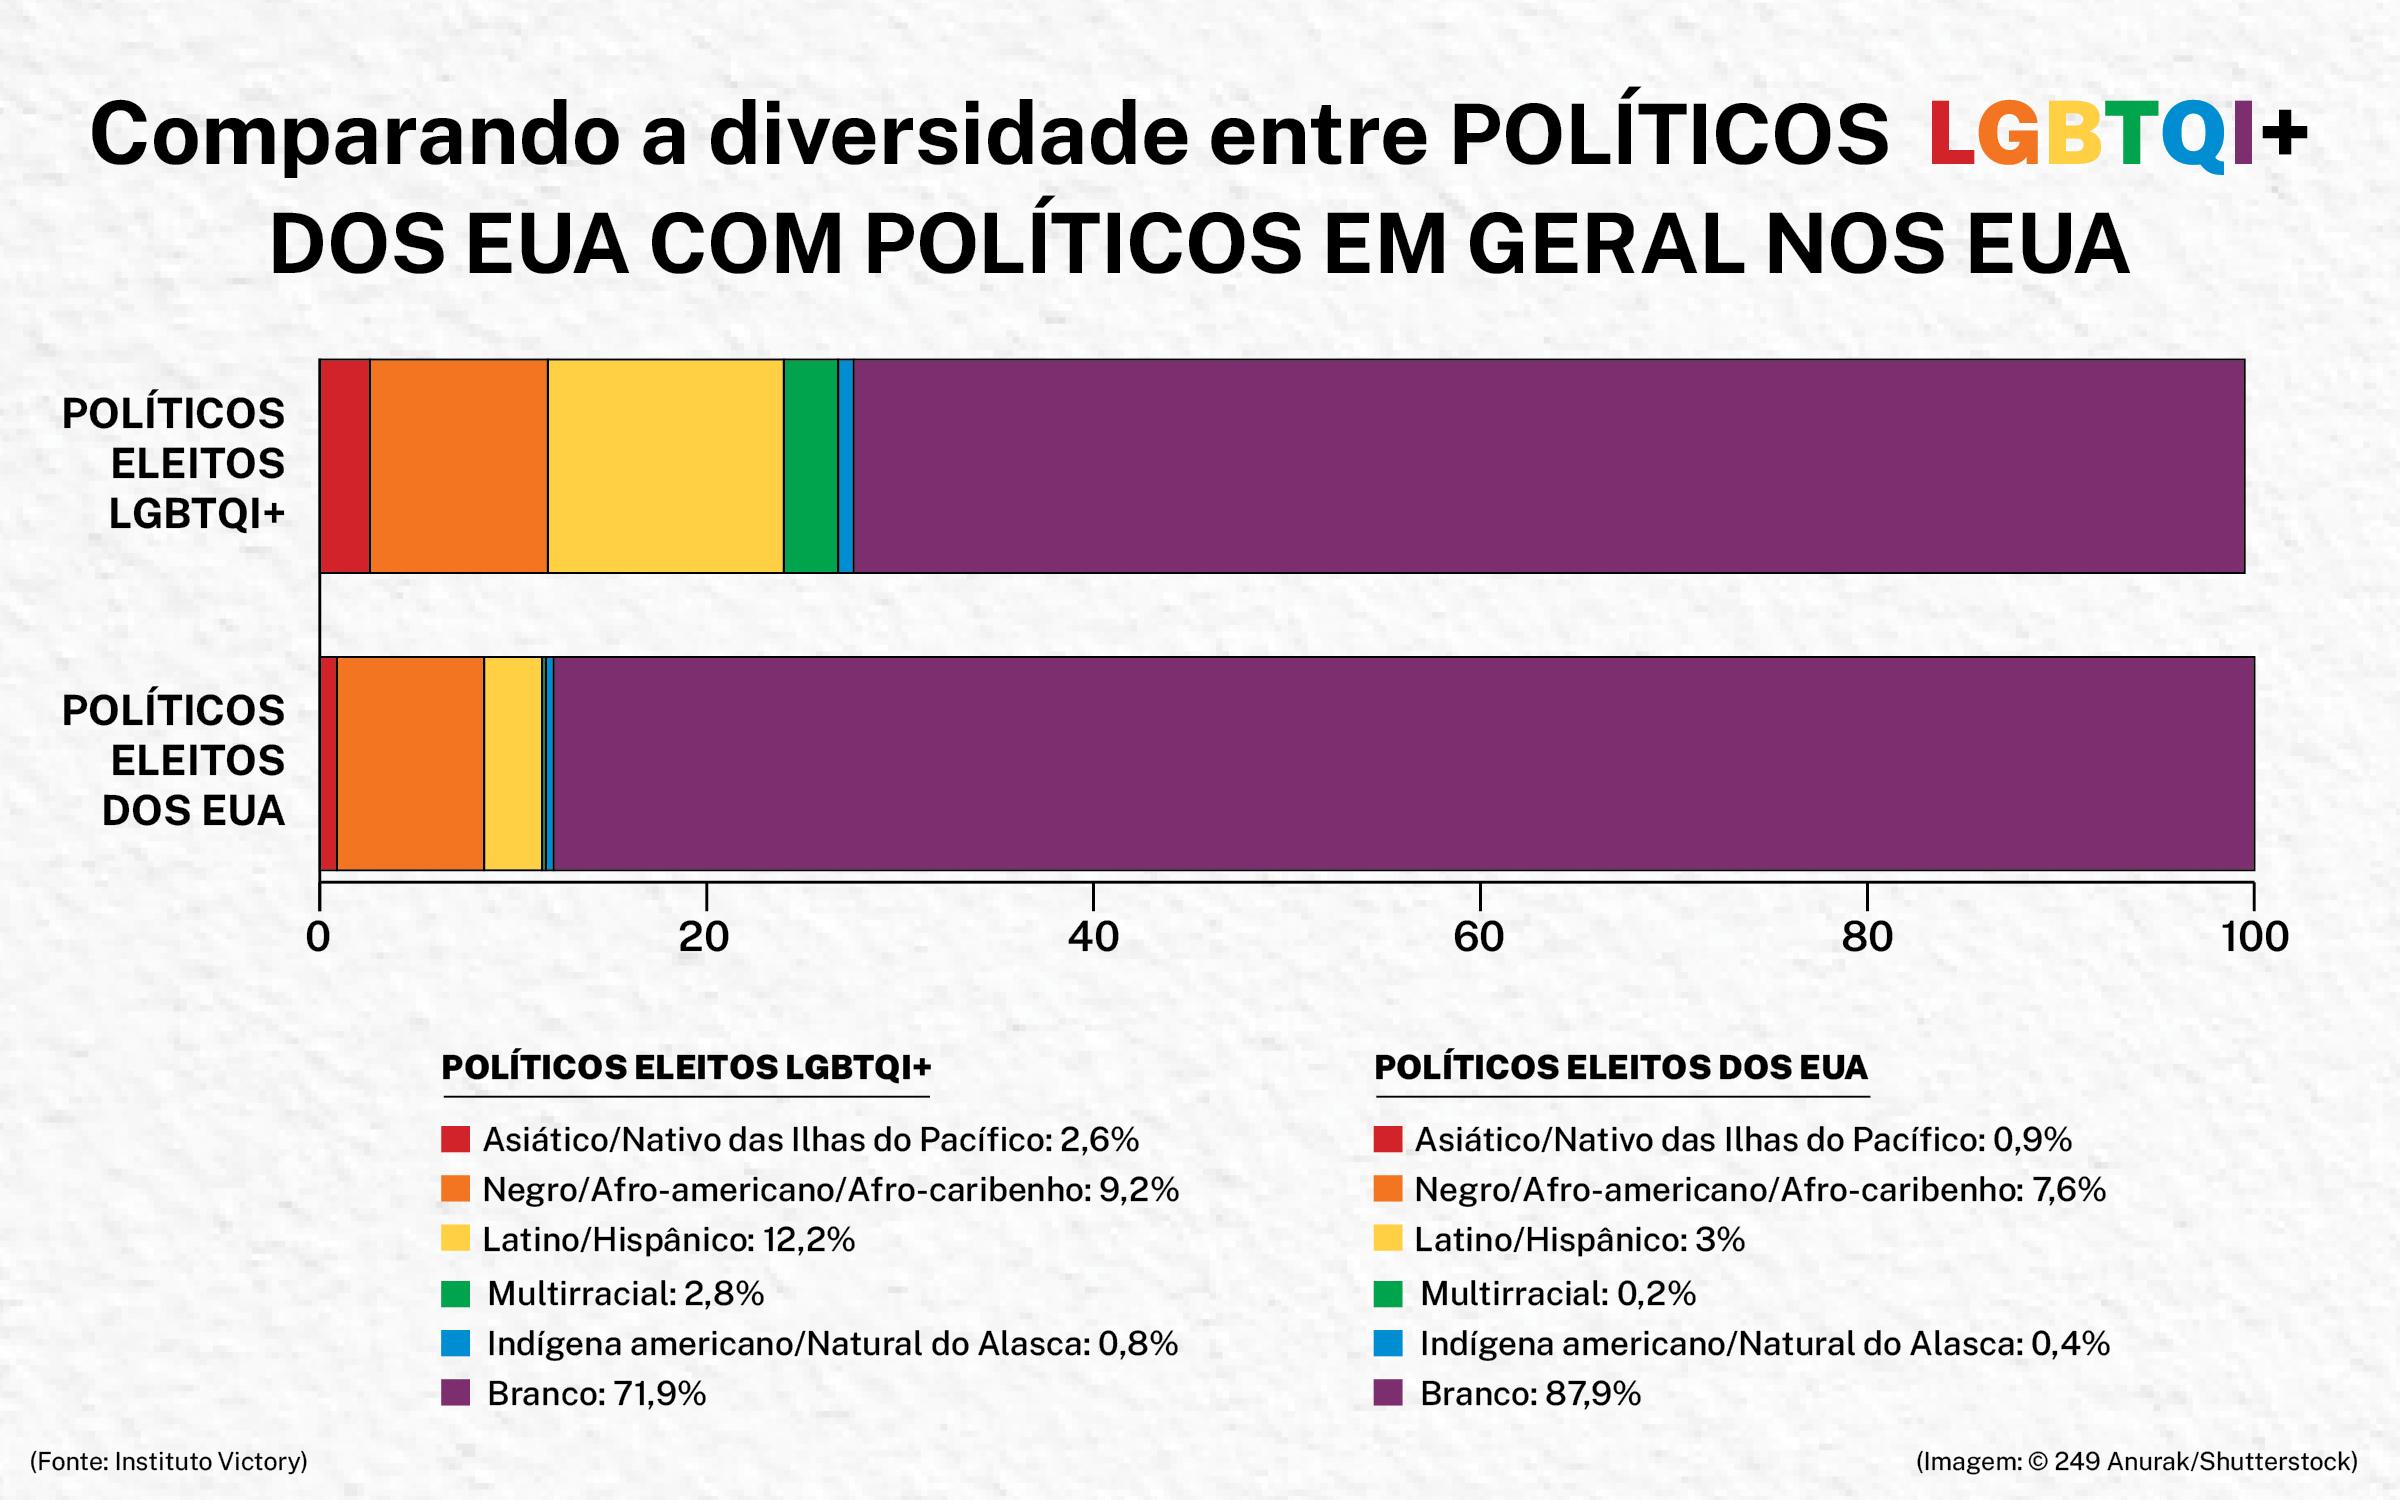 Infográfico compara a diversidade entre políticos LGBTQI+ eleitos e políticos eleitos em geral (Depto. de Estado/H. Efrem)